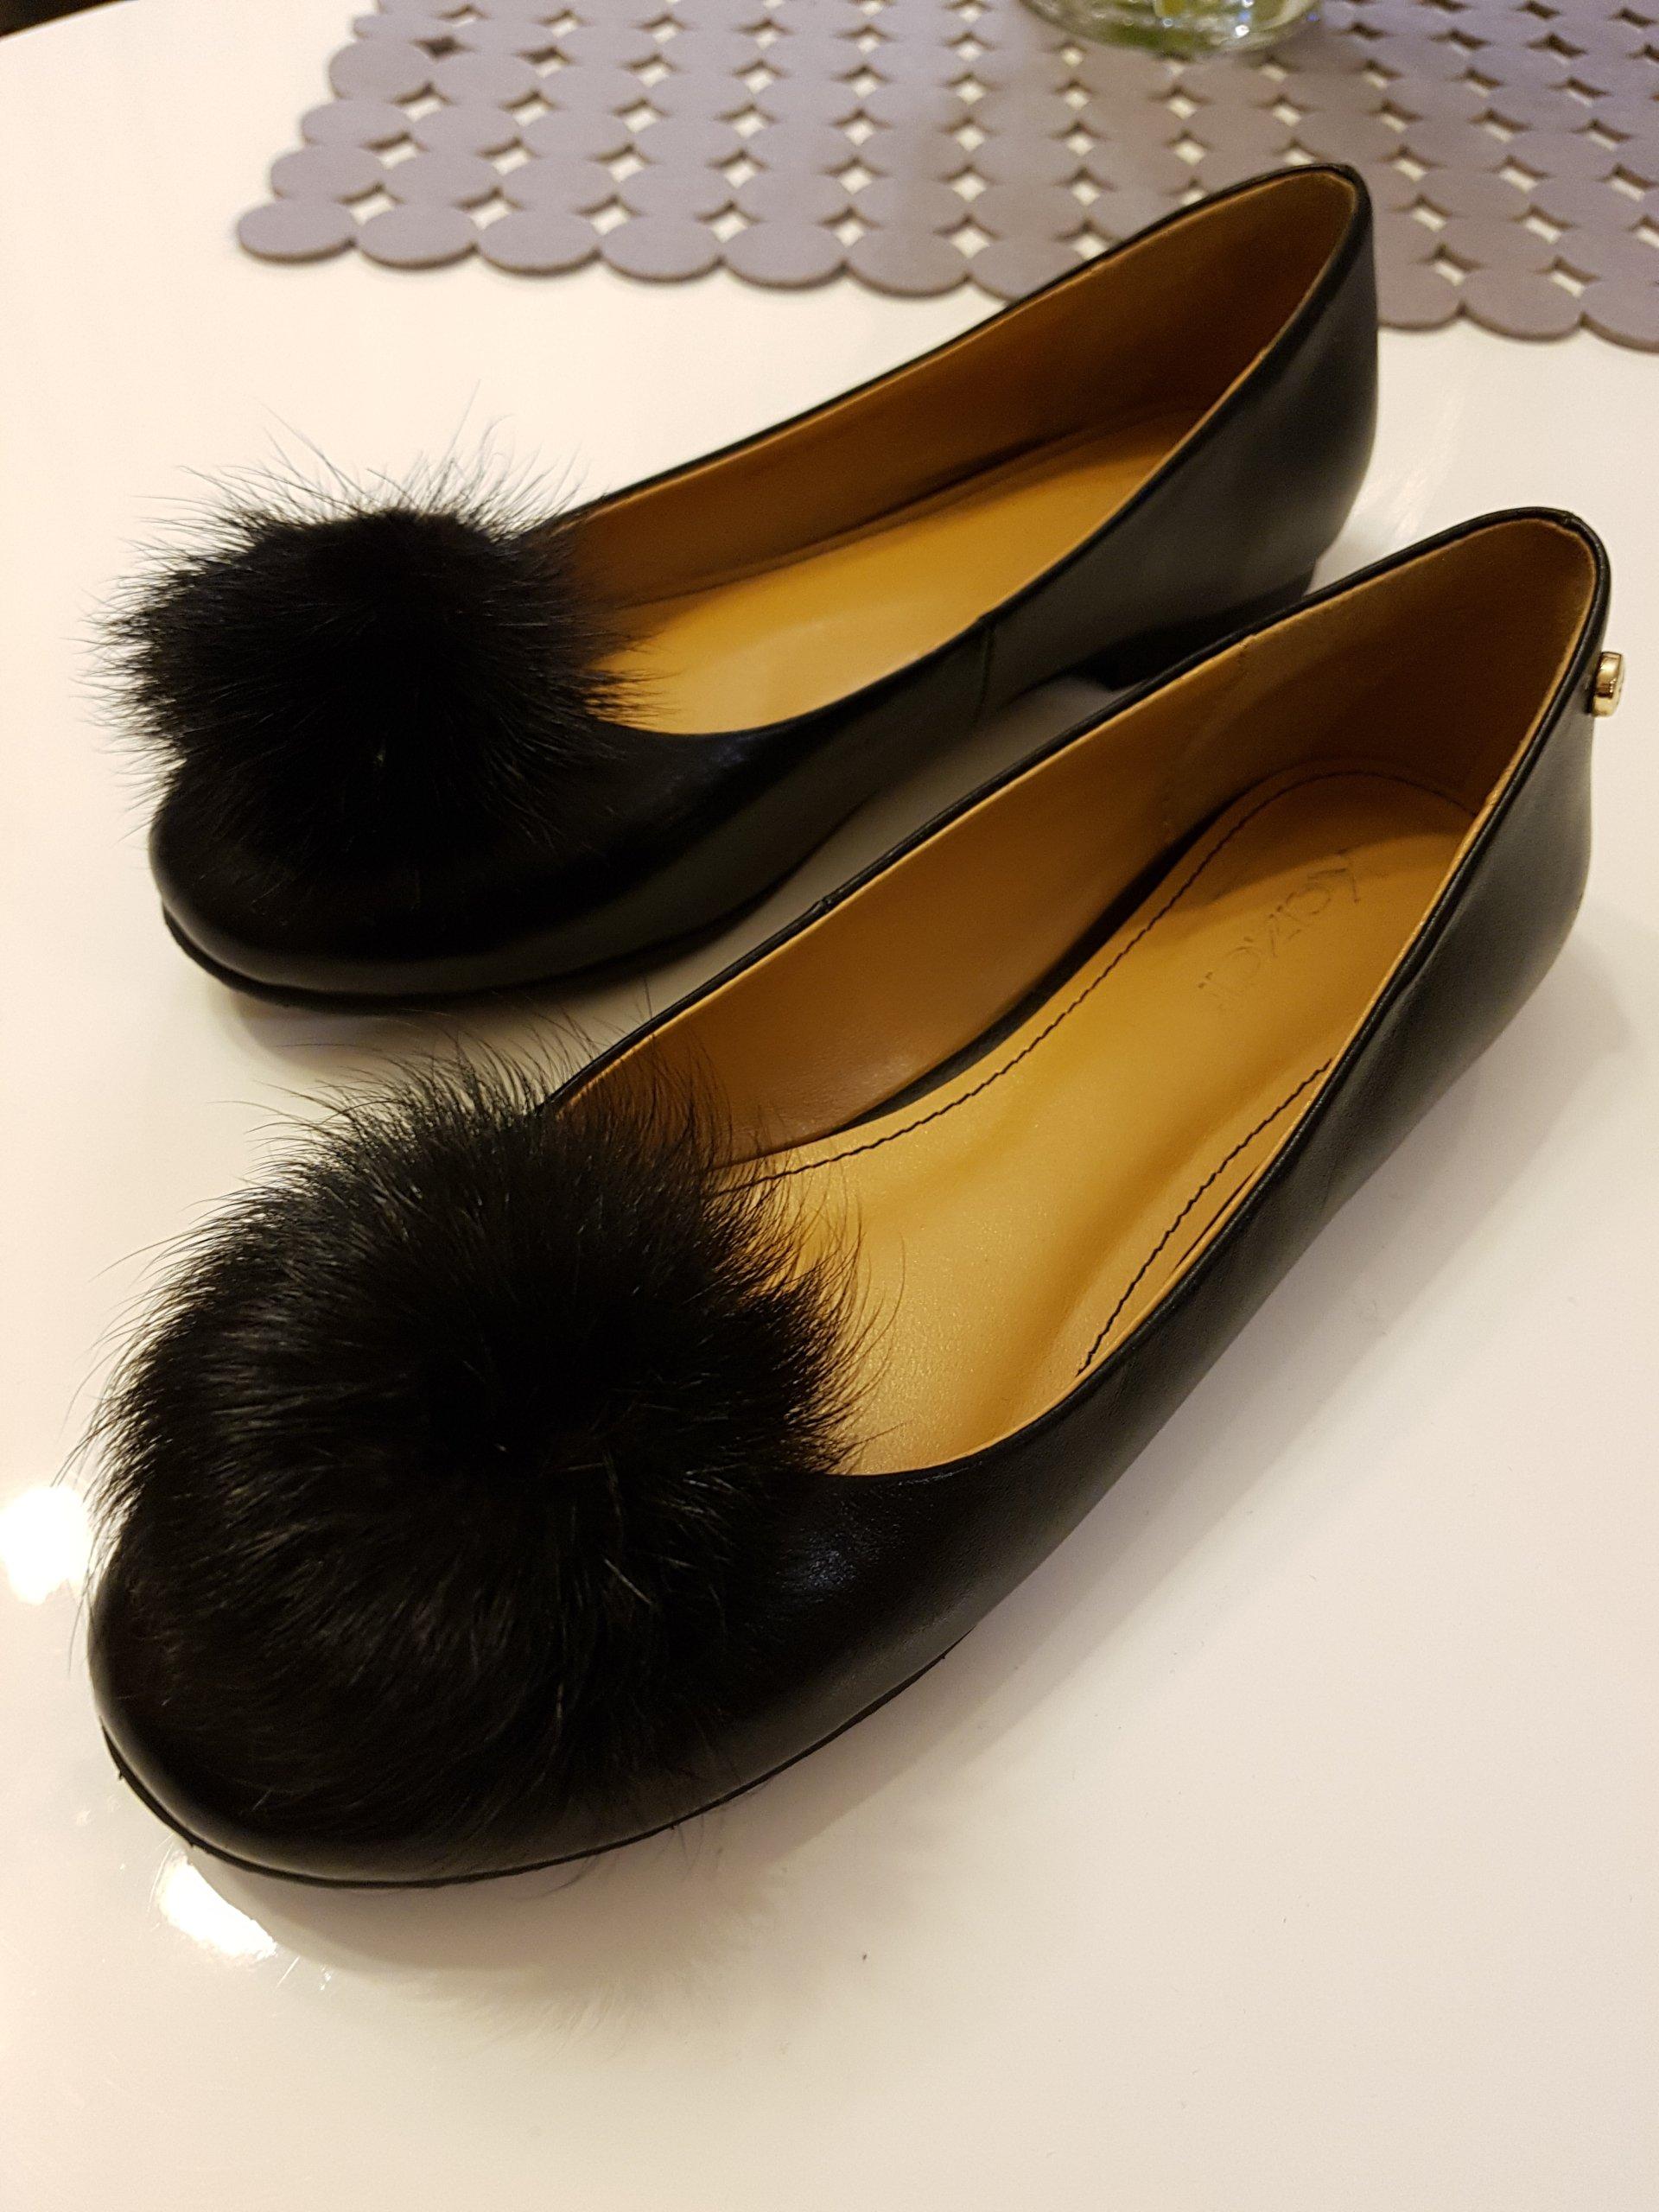 c0dfb7e8 Kazar buty baleriny skórzane damskie - 7230221058 - oficjalne ...